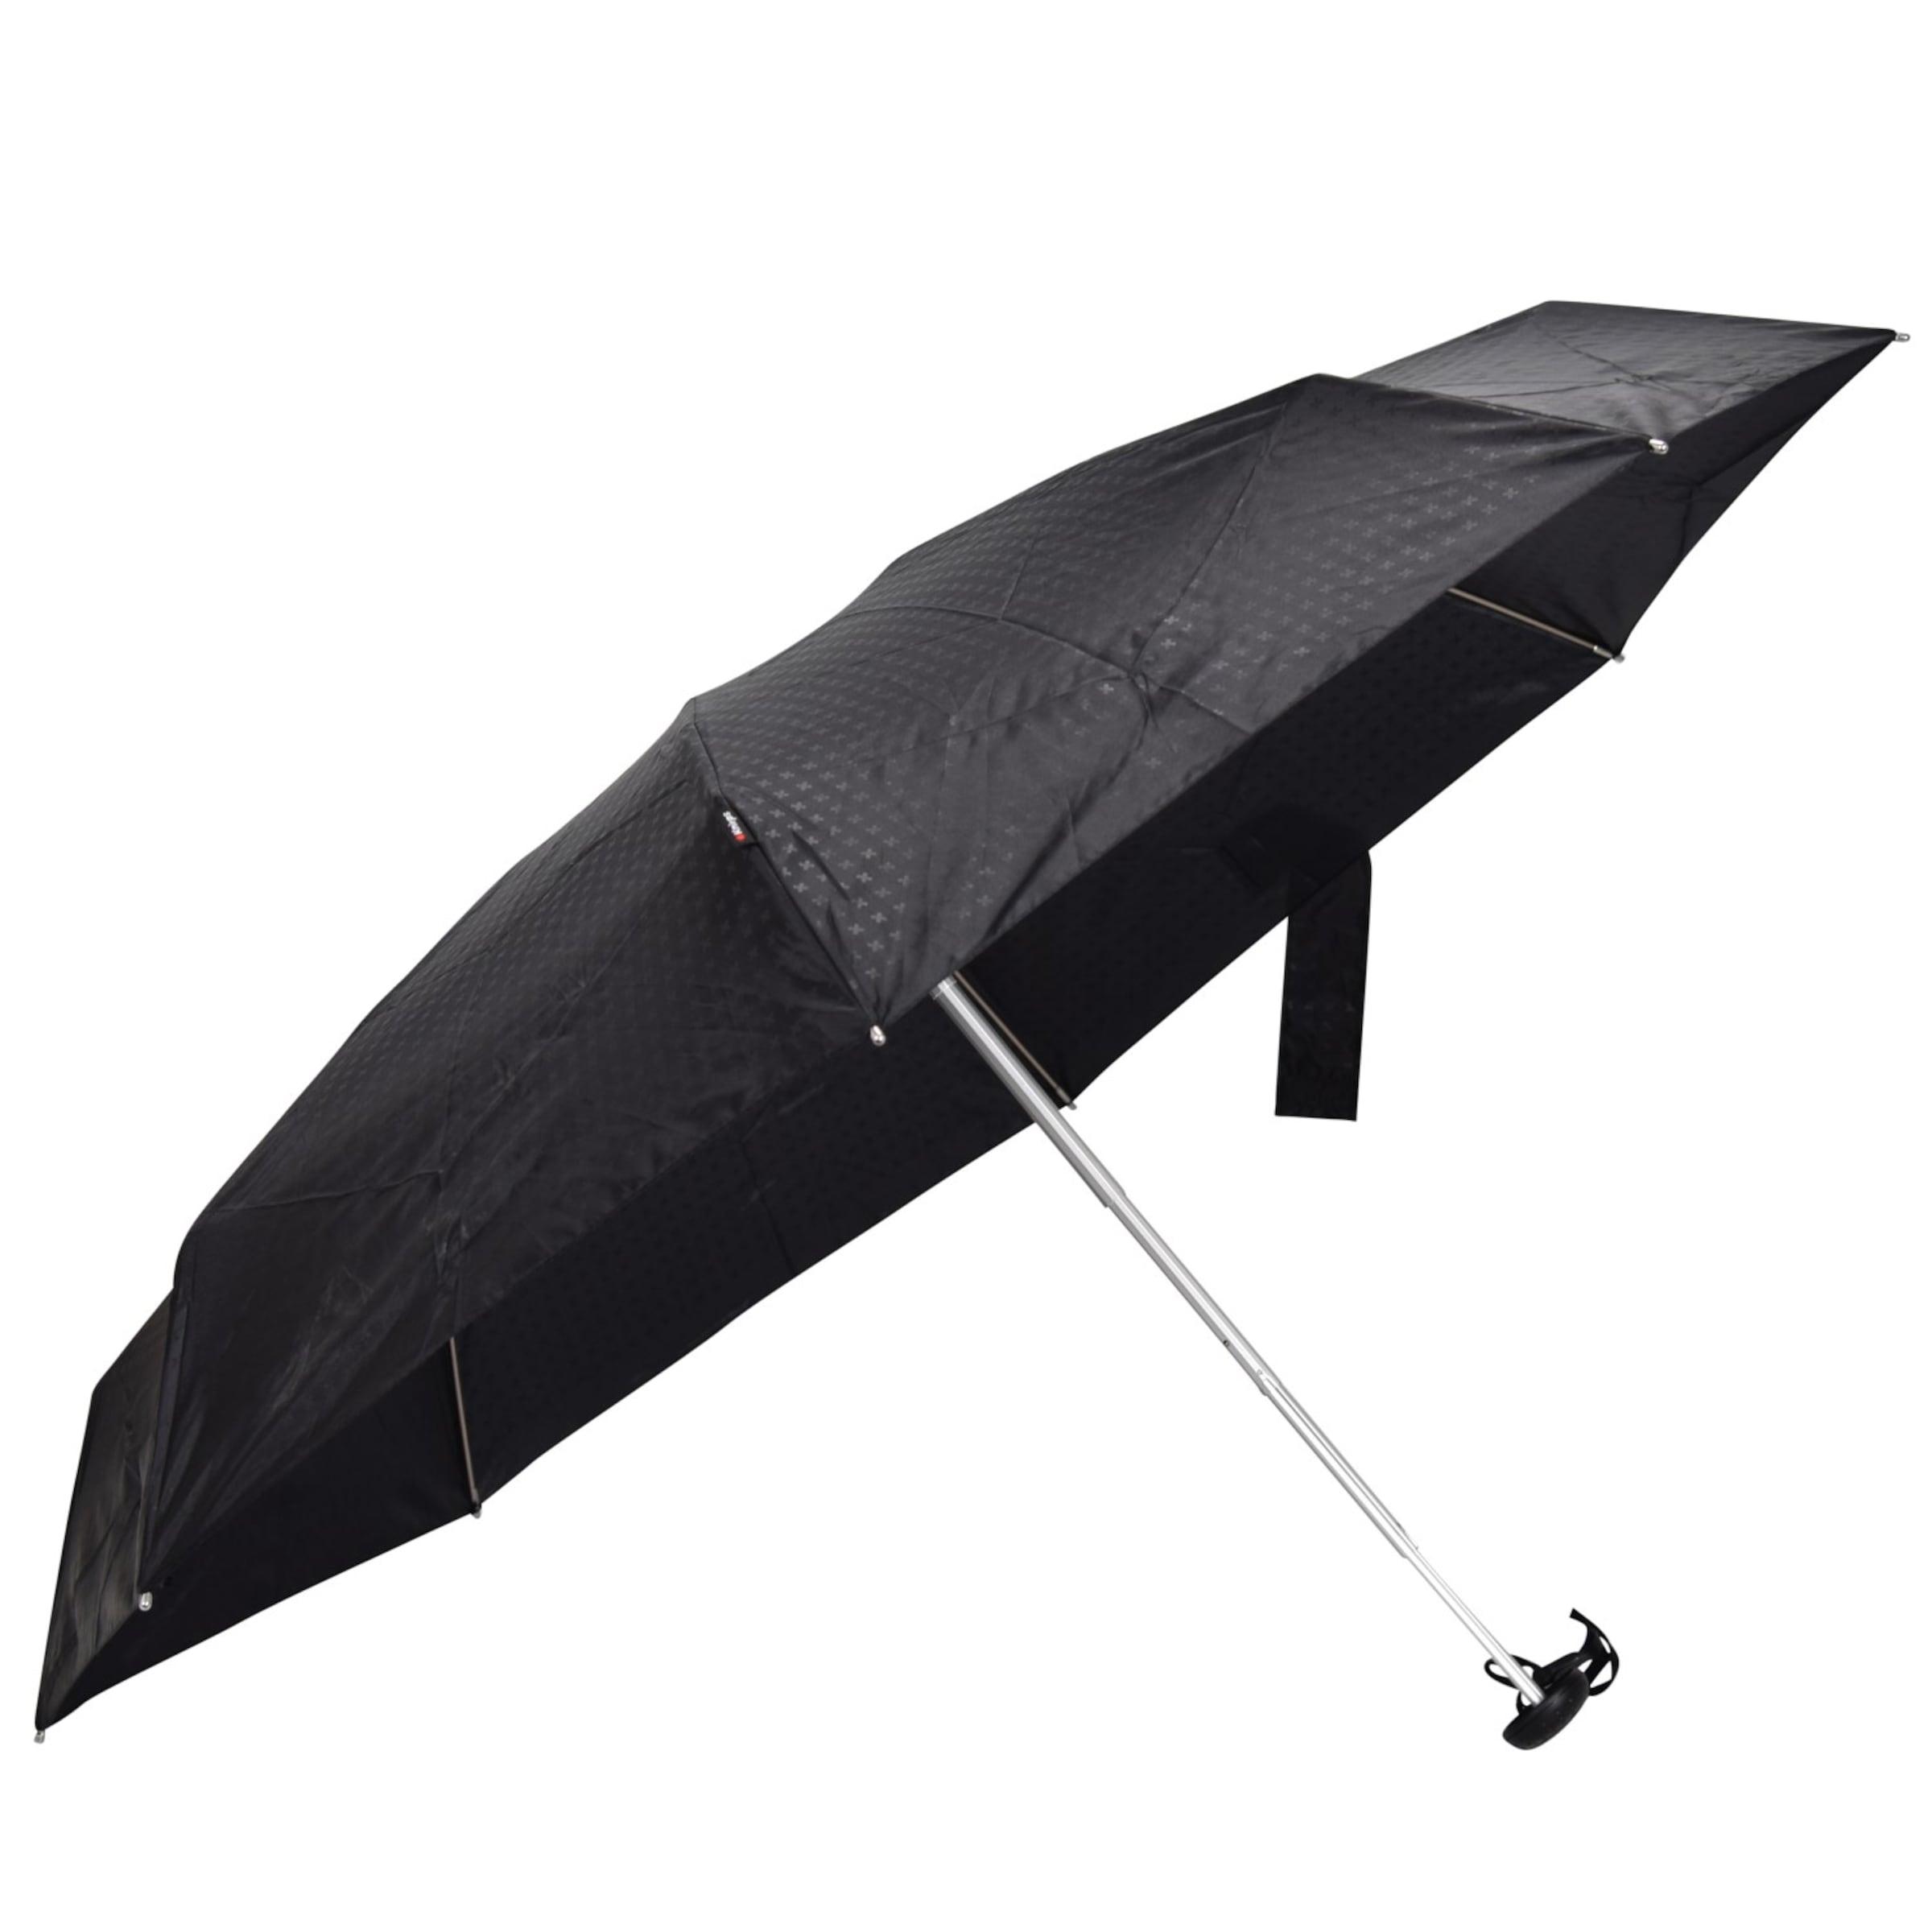 X1' Noir Knirps Parapluie En 'manual tsrdhQCBx